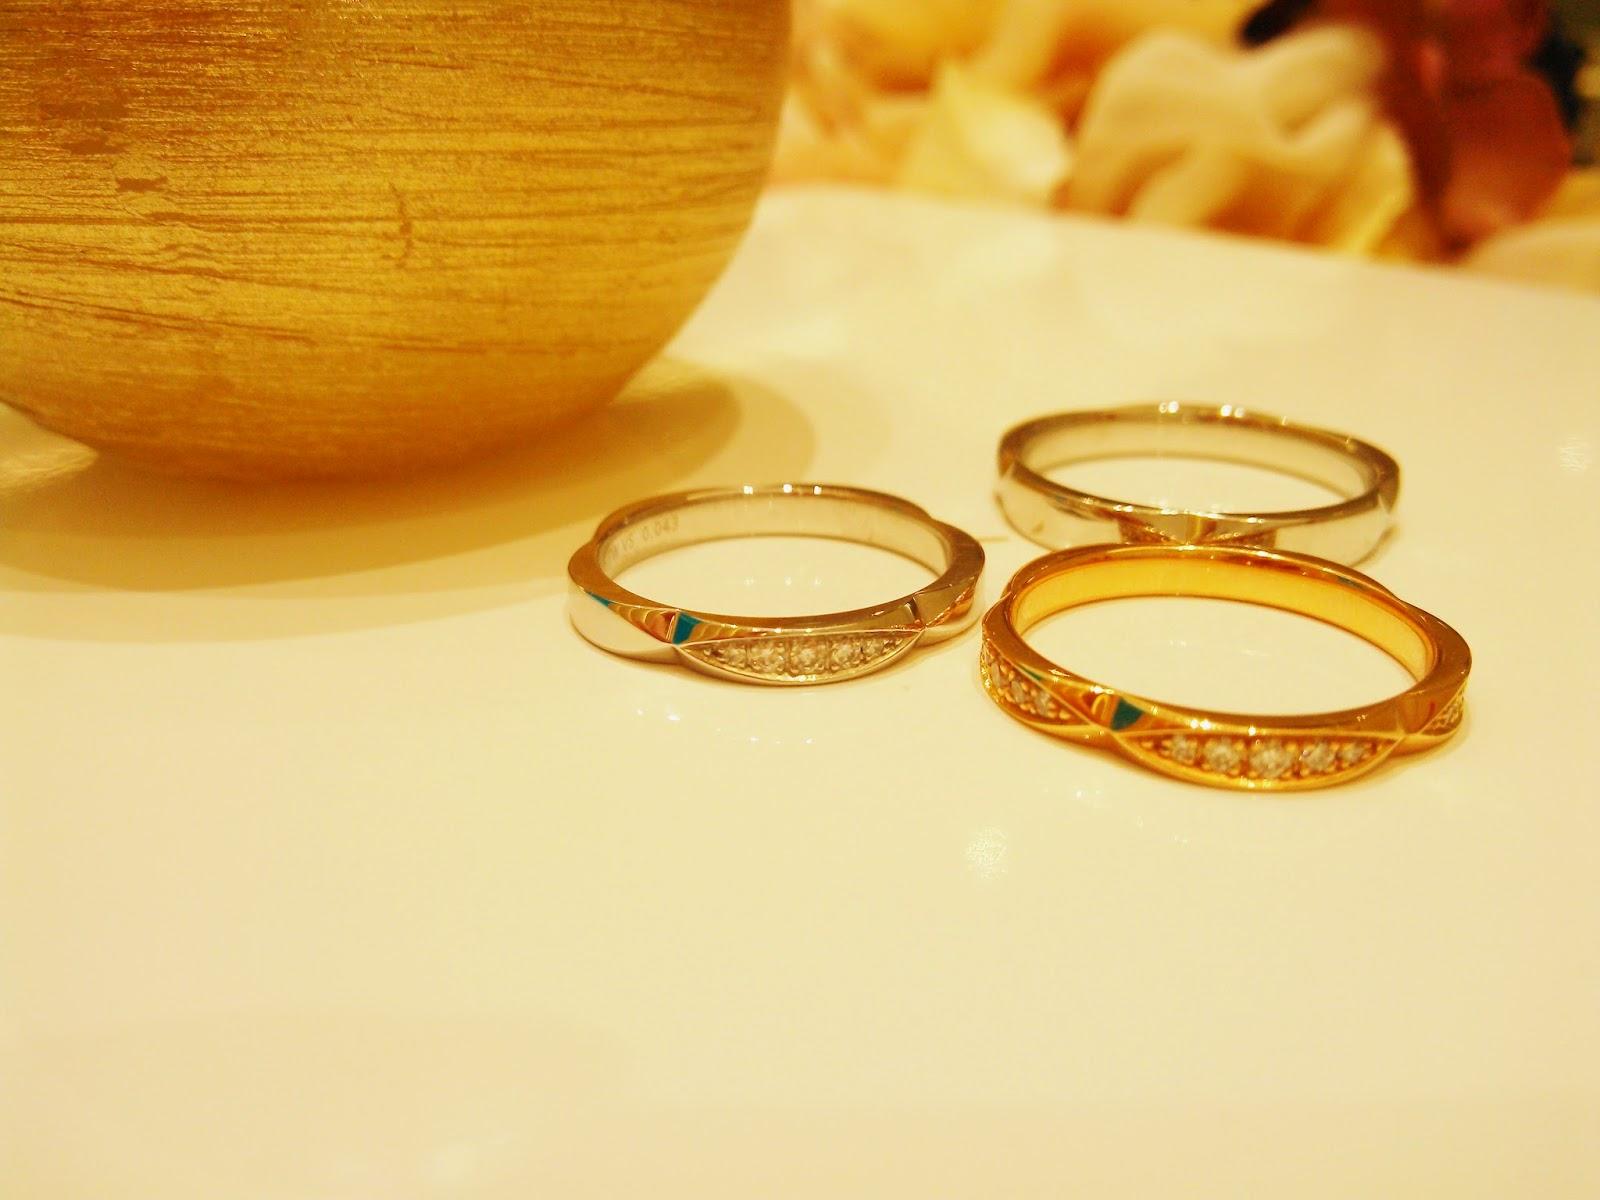 スイス FURRER JACOT フラージャコー 名古屋 栄 sakura サクラ 桜 ゴールド 結婚指輪 鍛造